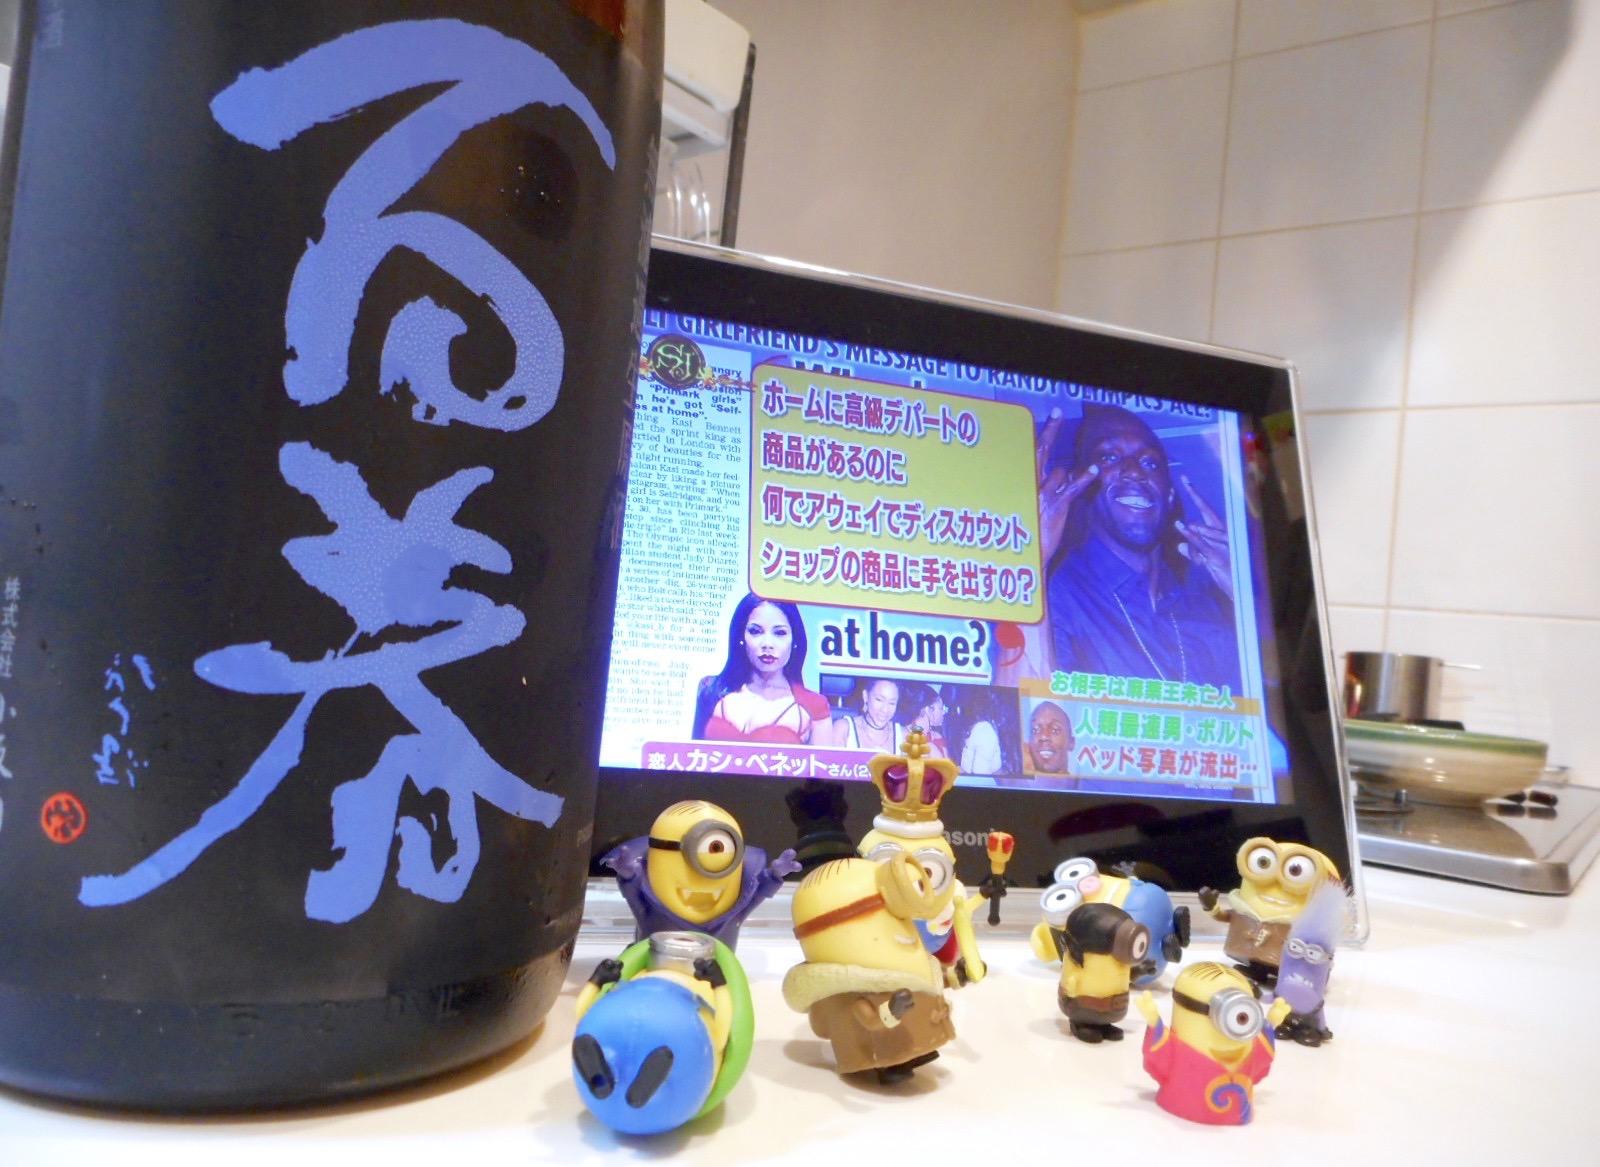 hyakushun_oyamanishiki27by3.jpg